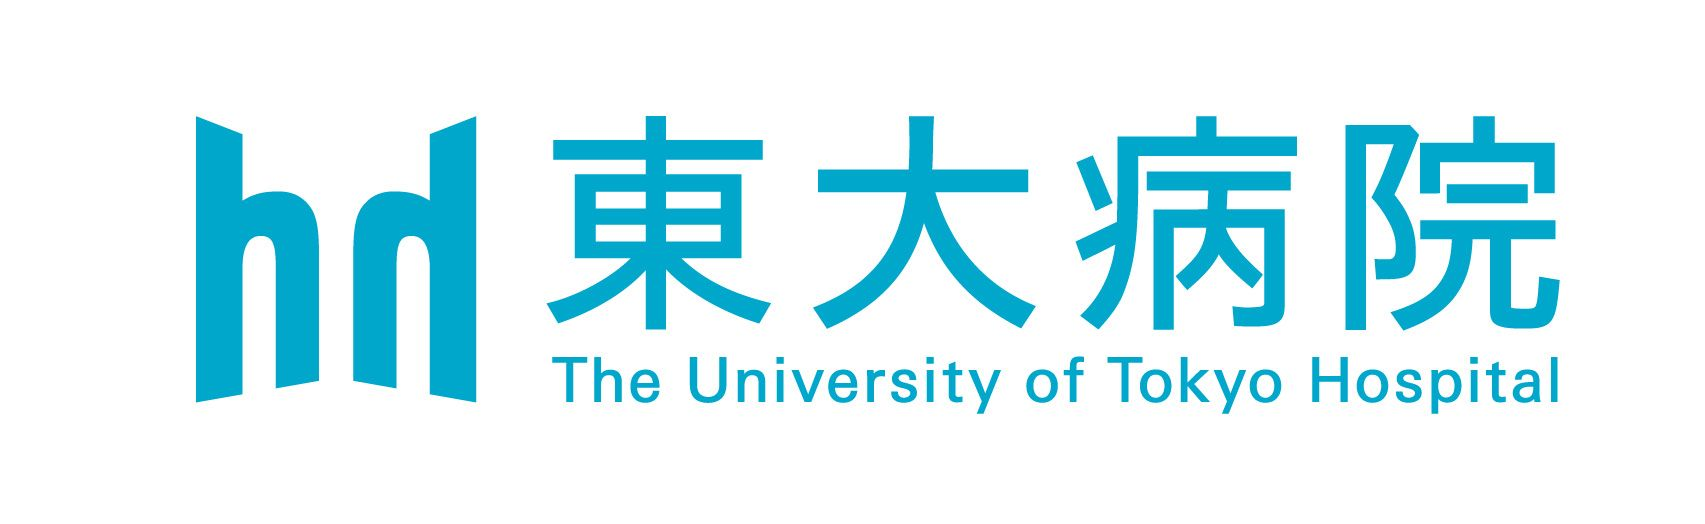 東京大学医学部附属病院 病院 歯科 医学部